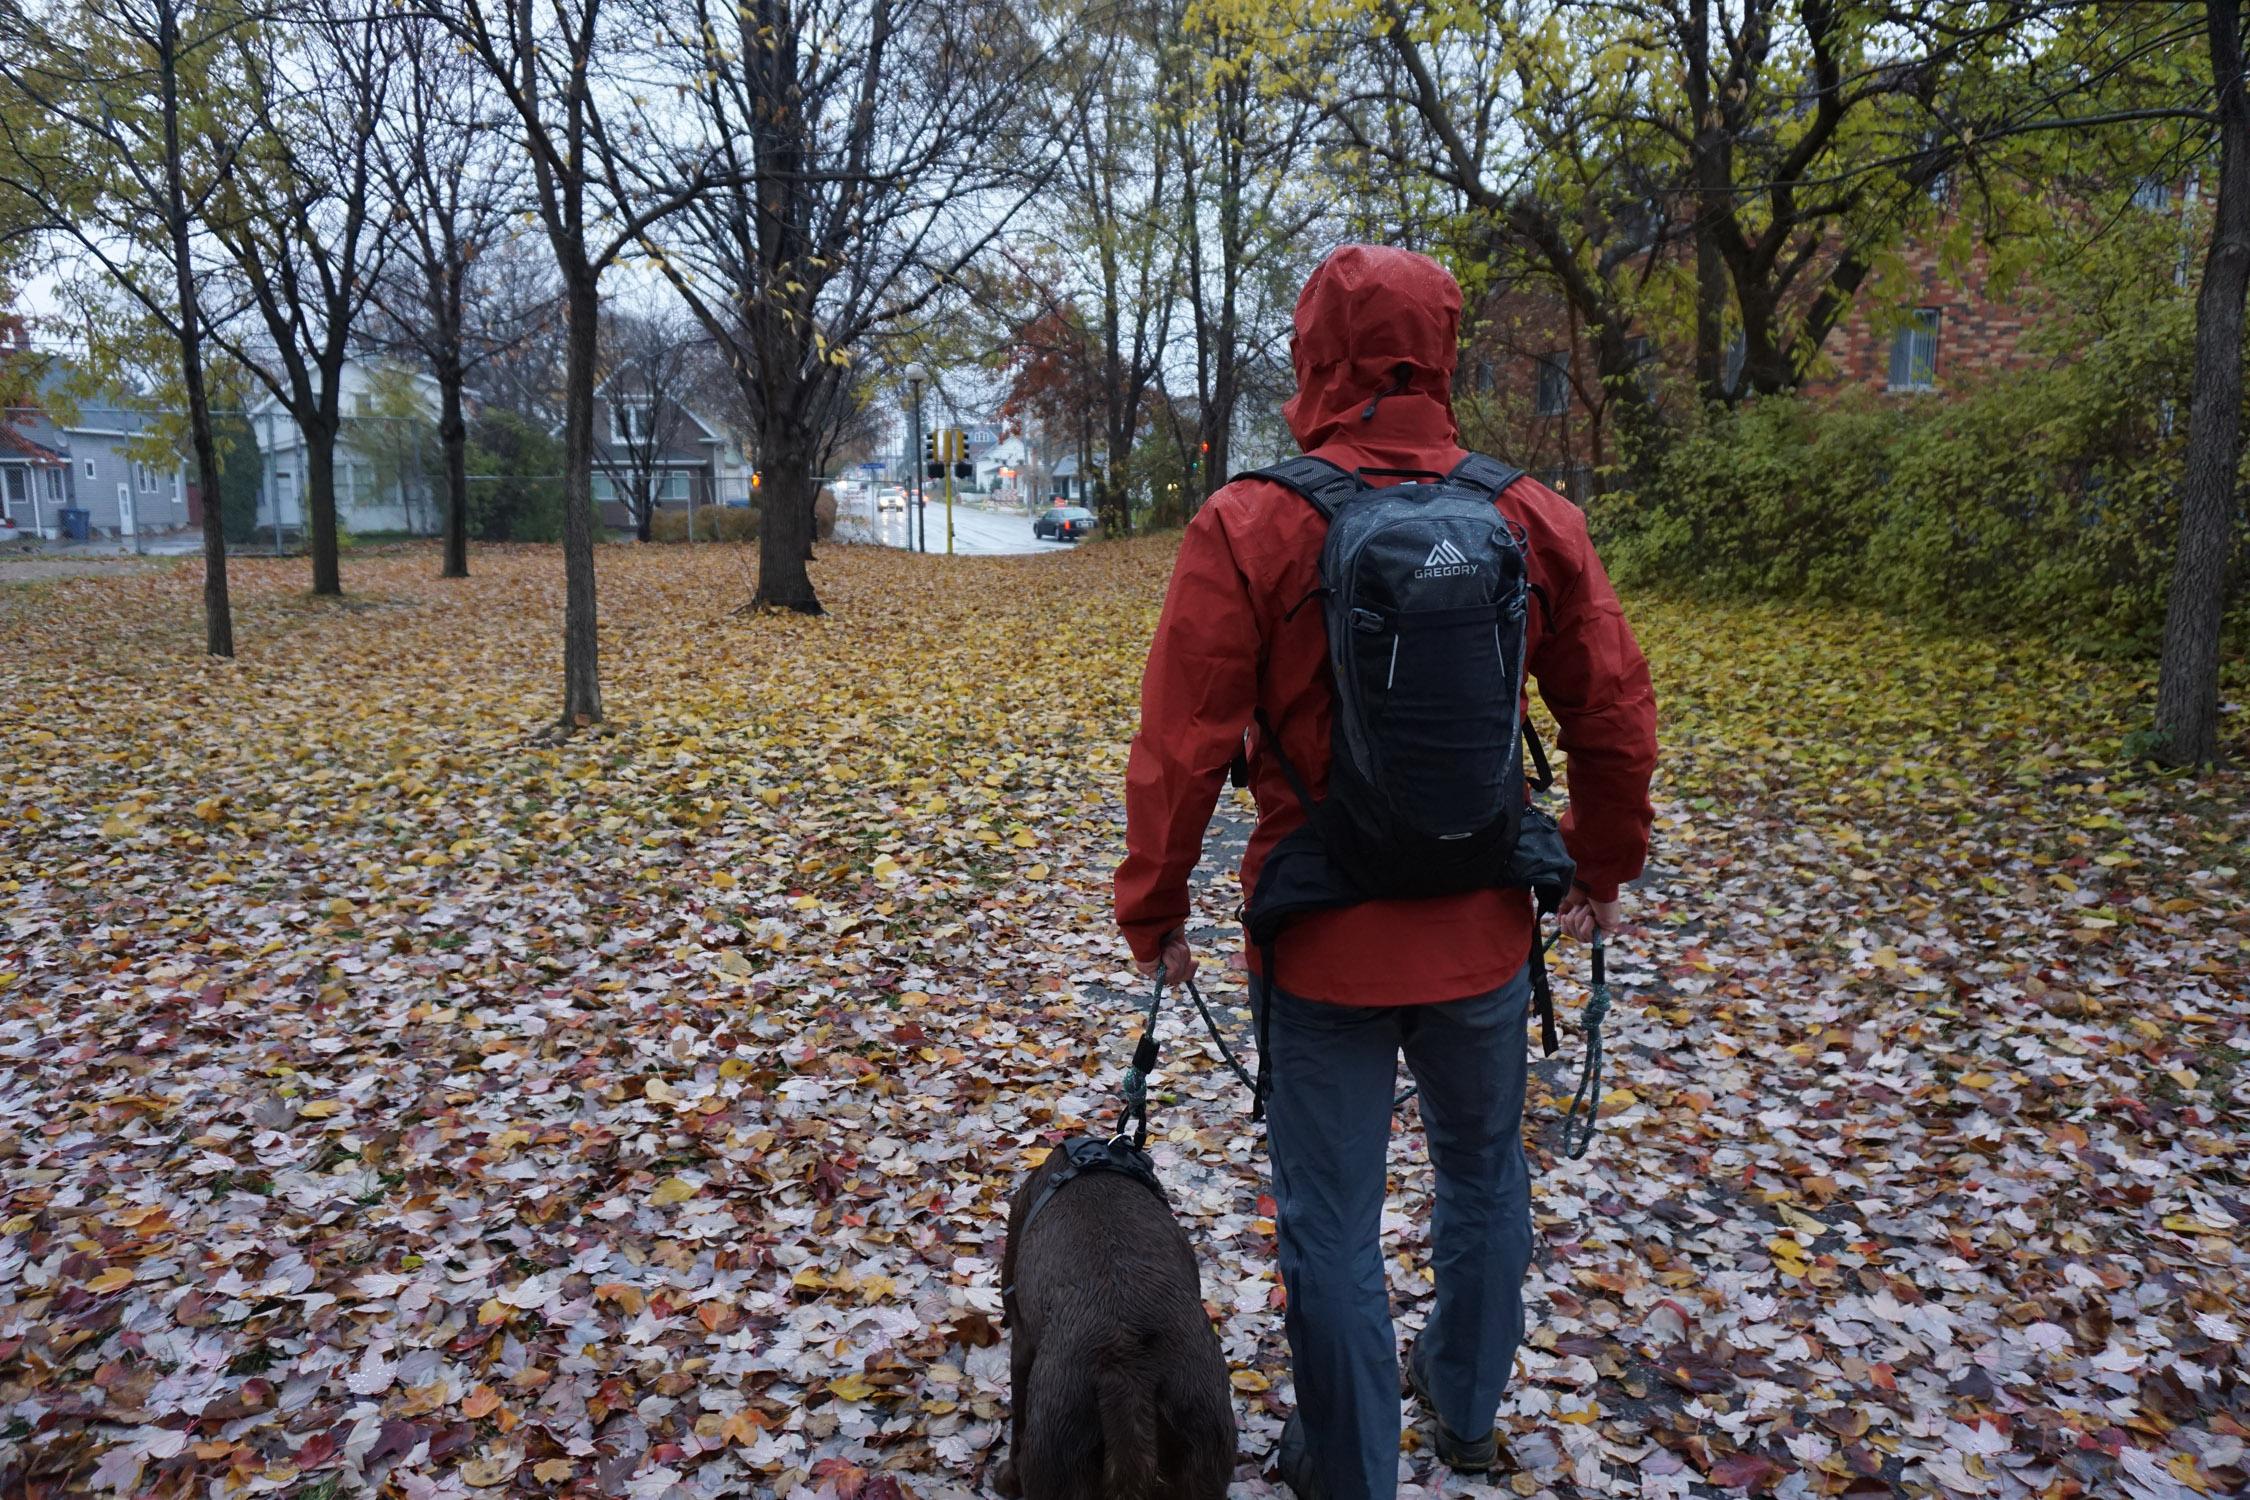 Arc'teryx Zeta SL Red Jacket and Zeta SL Pant Walking Dog